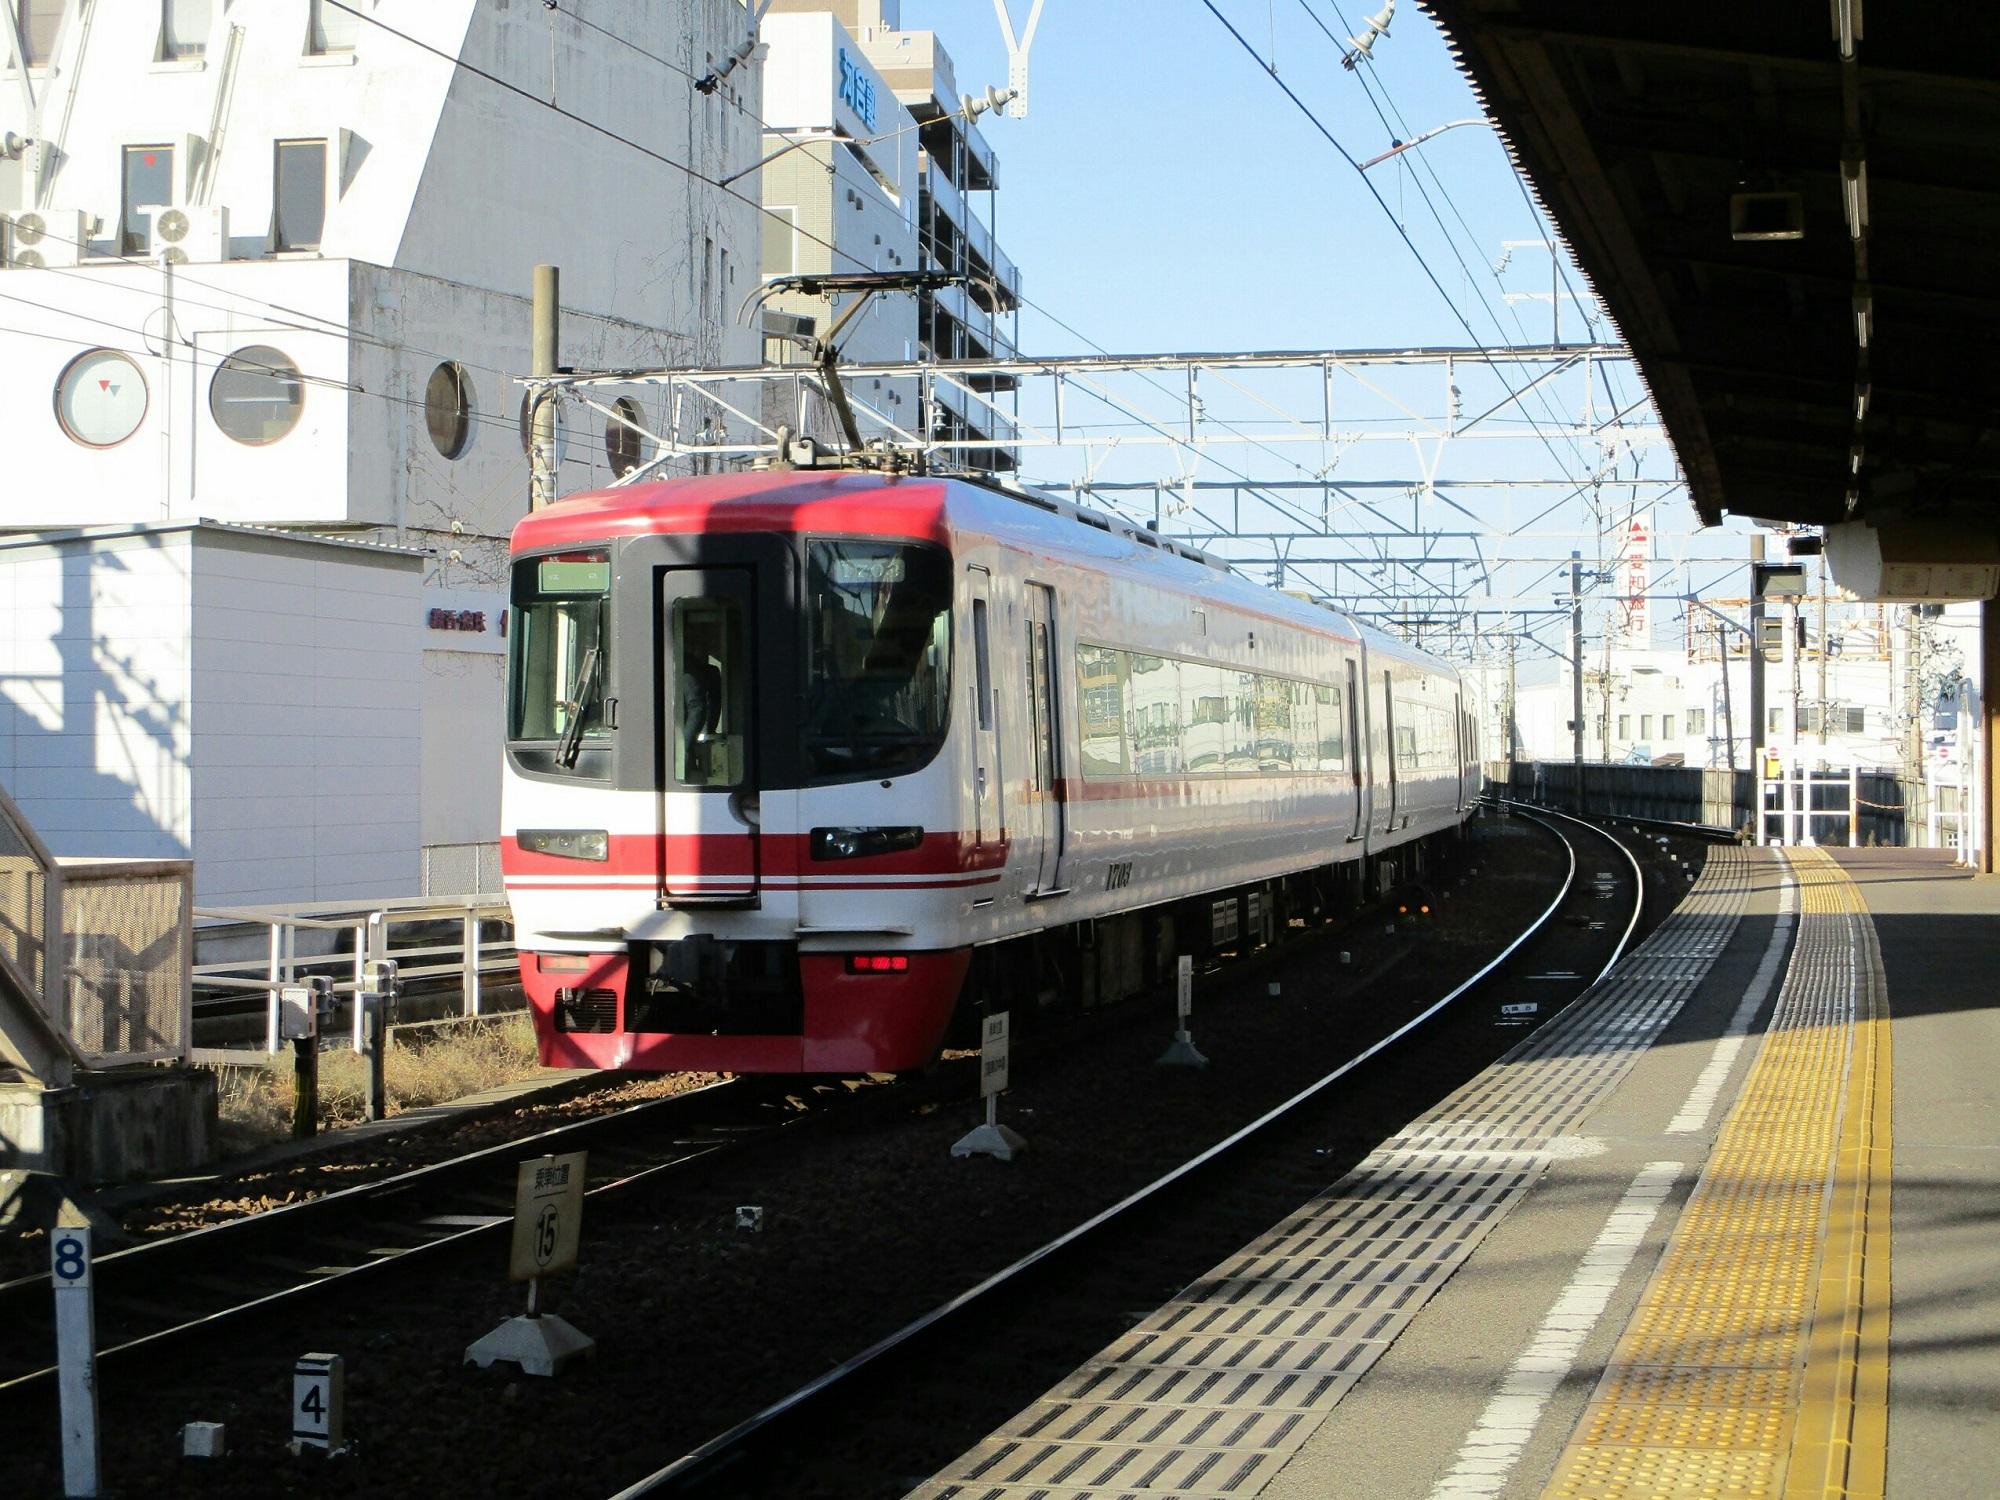 2019.1.7 (6) 東岡崎 - 岐阜いき特急 2000-1500